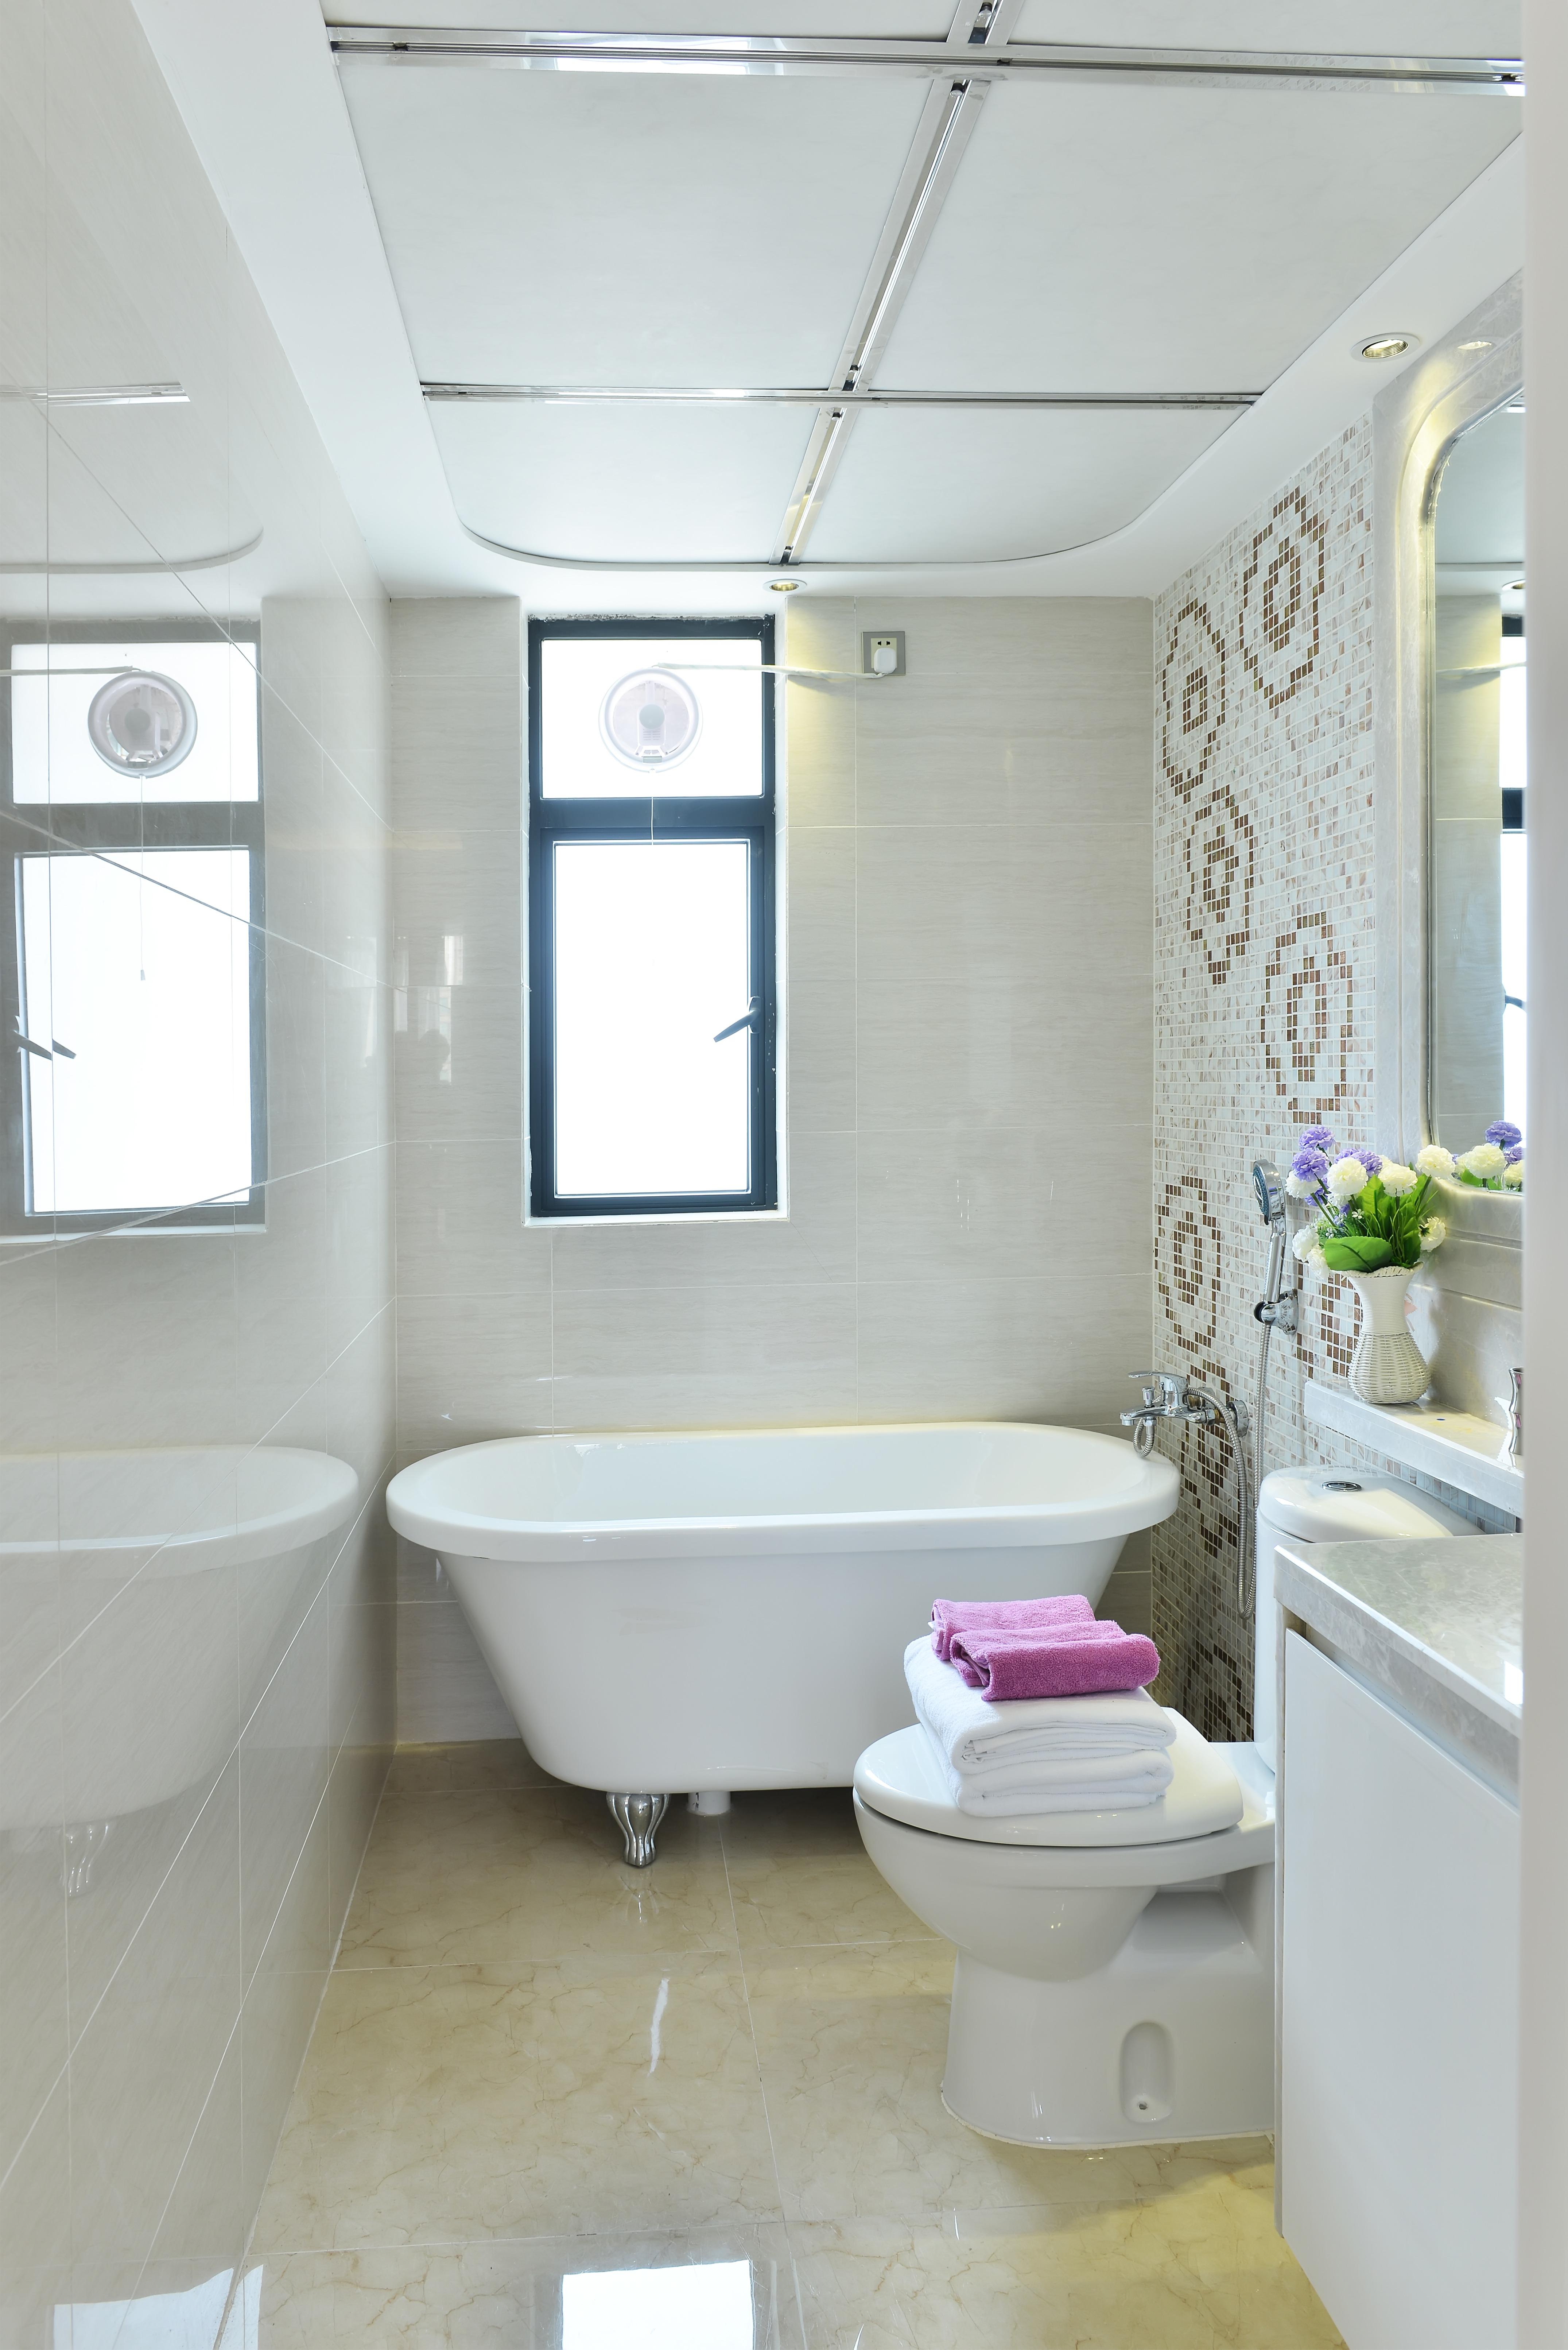 bathroom dreamstime_xxl_56819593-2